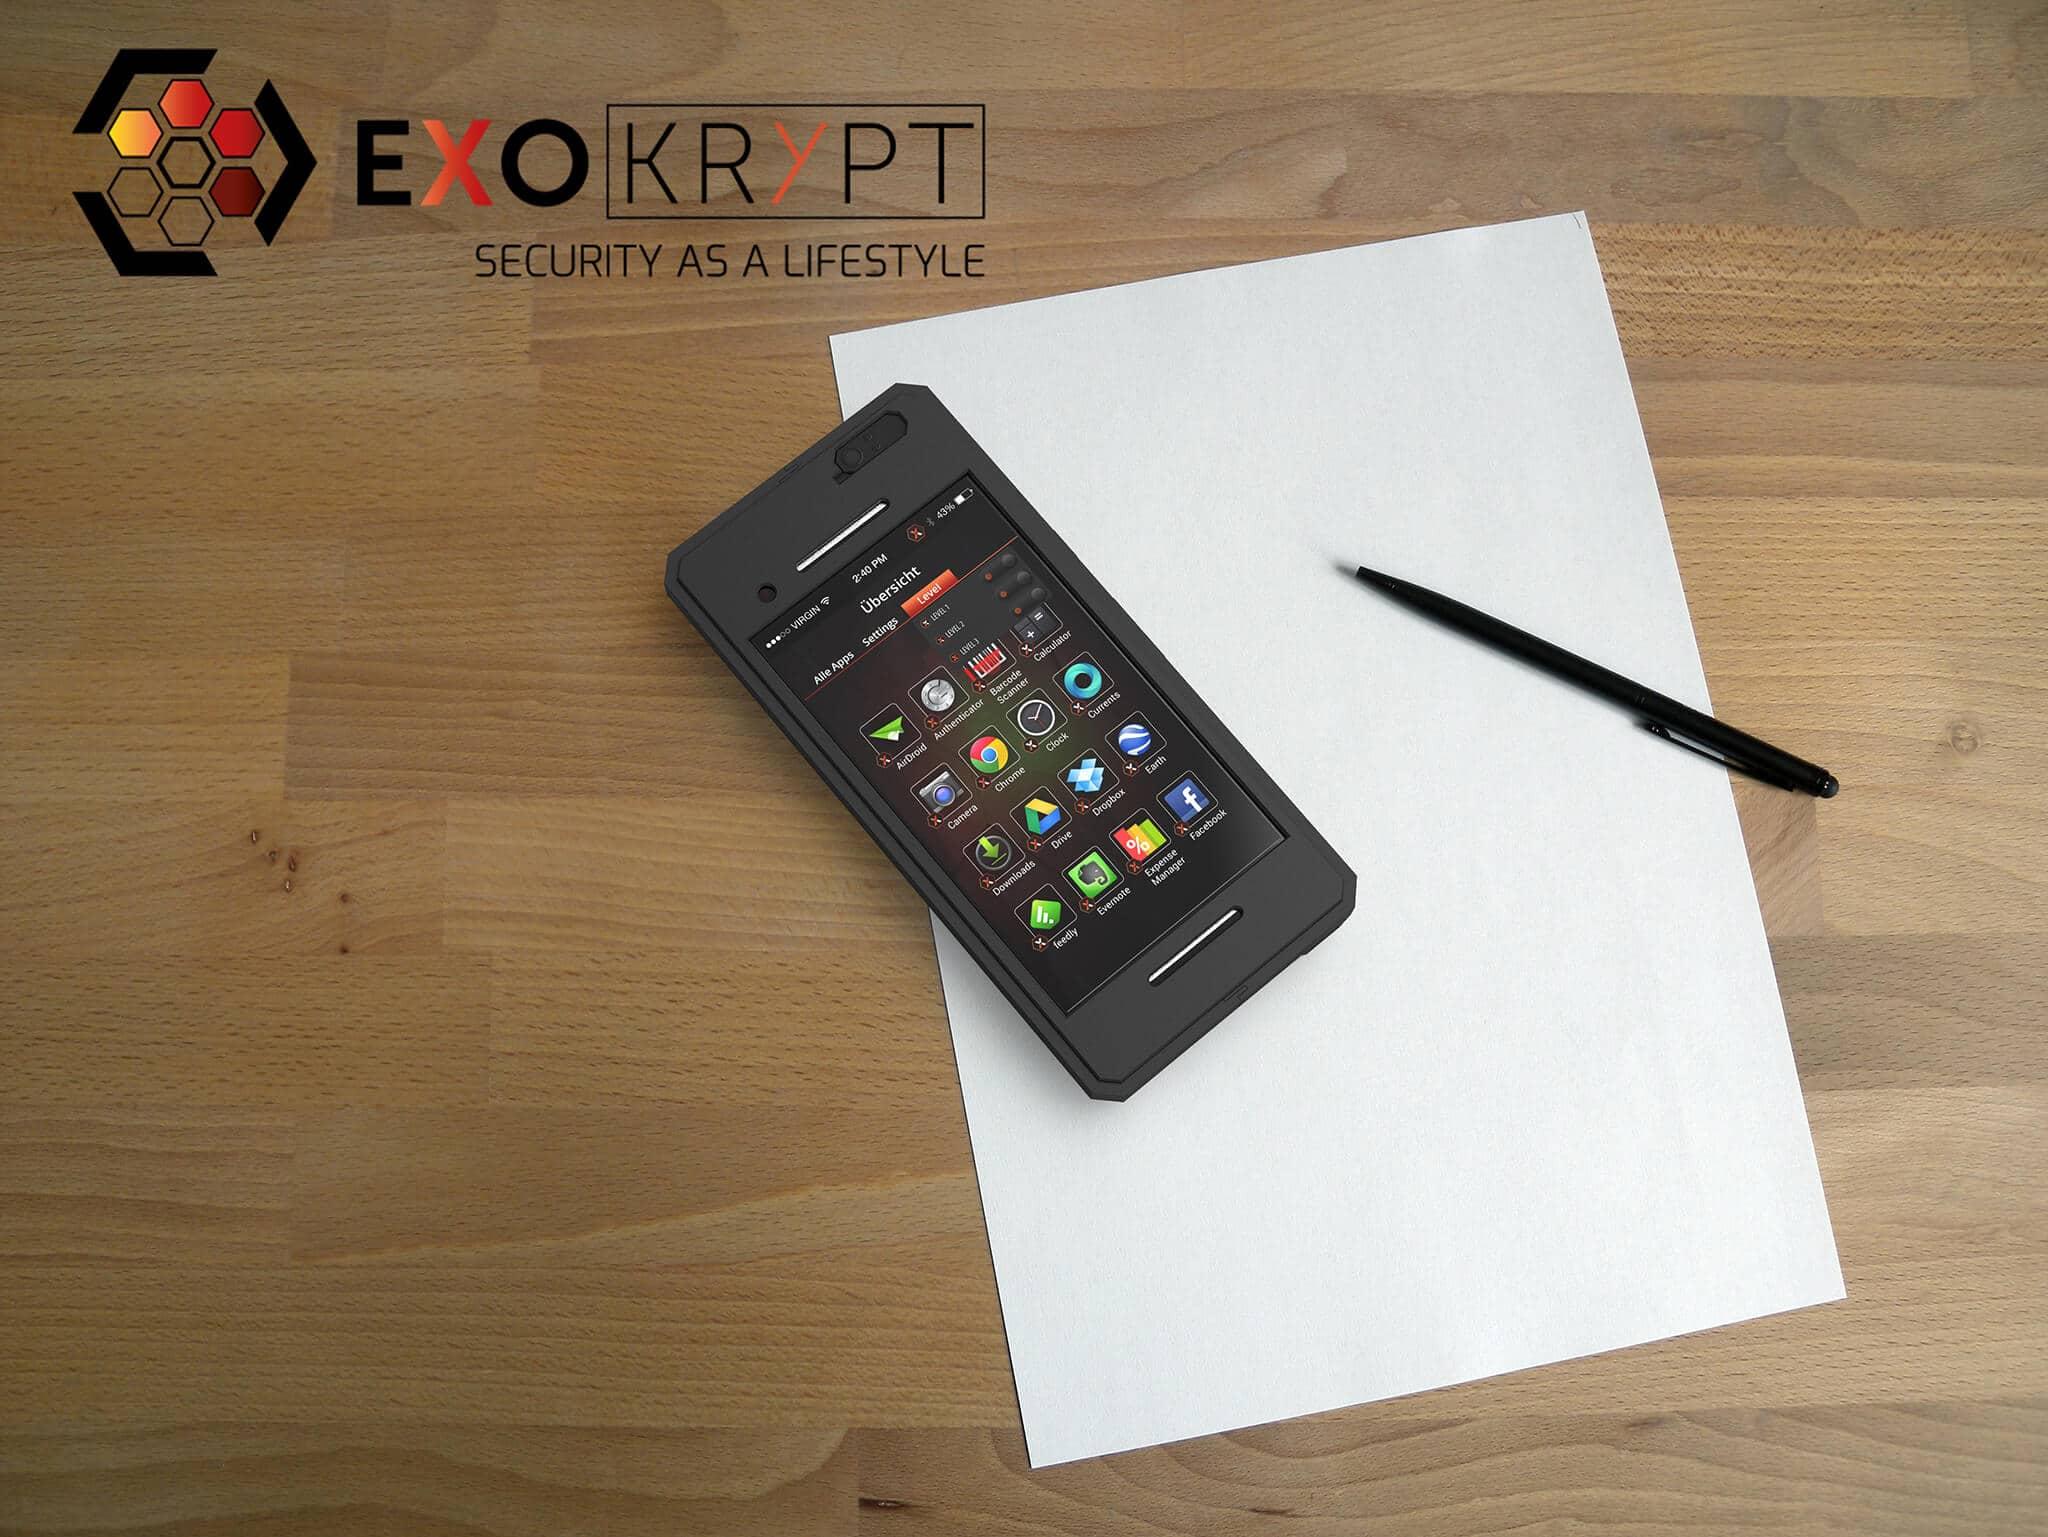 ExoShield BUSINESS Smartphone Case - Brushed Metal Frame Schwarz - Displayschutz Schwarz auf einem Holztisch auf einem Papierblatt liegend mit Kugelschreiber daneben